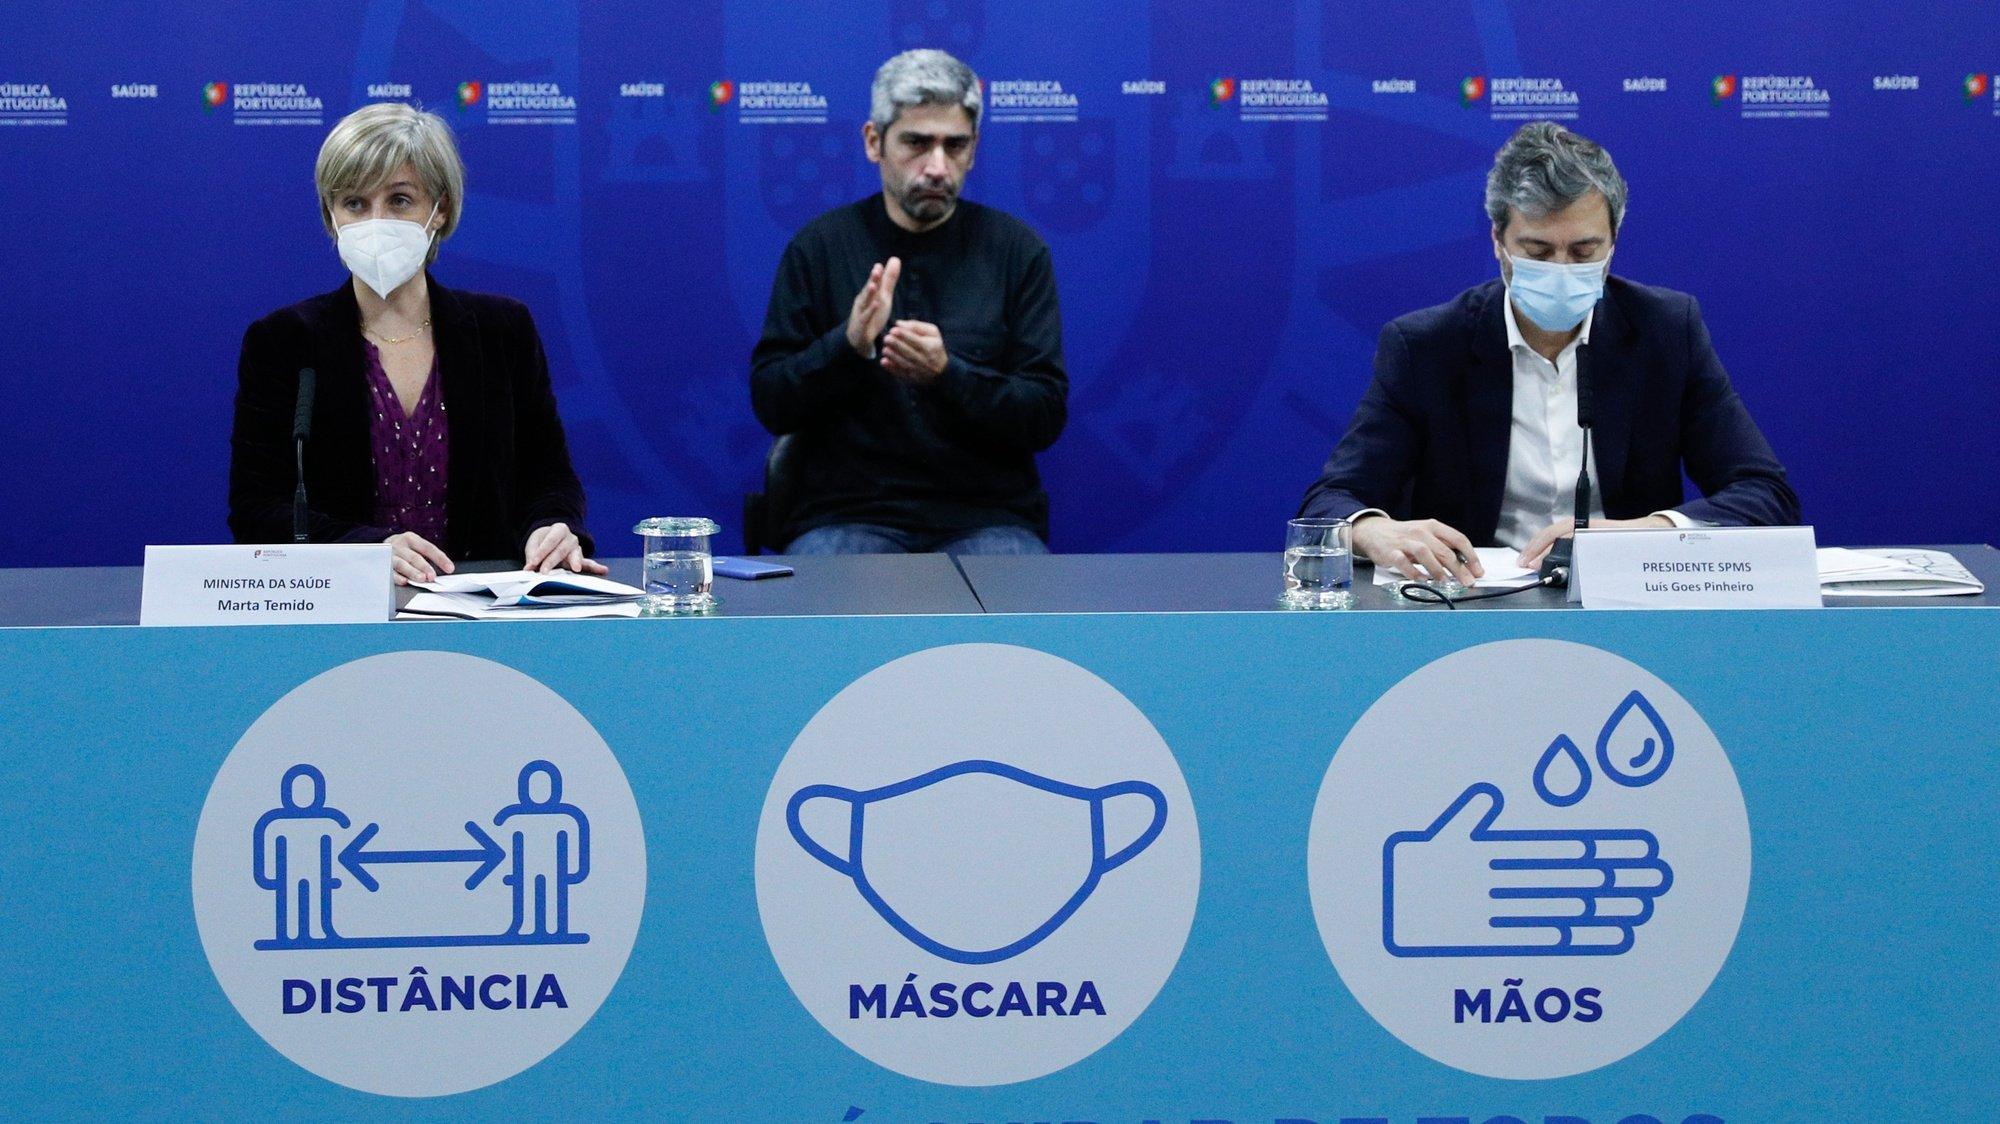 A ministra da Saúde, Marta Temido (E), acompanhada pelo presidente dos Serviços Partilhados do Ministério da Saúde (SPMS), Luís Goes Pinheiro (D), durante a conferência de imprensa para fazer um breve balanço do ponto da situação sobre o Plano de Vacinação contra a covid-19, na sequência da reunião desta manhã com a Task Force, no Ministério da Saúde, em Lisboa, 01 de fevereiro de 2021. Portugal regista até ao momento 12. 757 mortes associadas à covid-19, e 726. 321 infetados segundo o boletim epidemiológico divulgado pela Direção-Geral da Saúde (DGS). ANTÓNIO COTRIM/POOL/LUSA